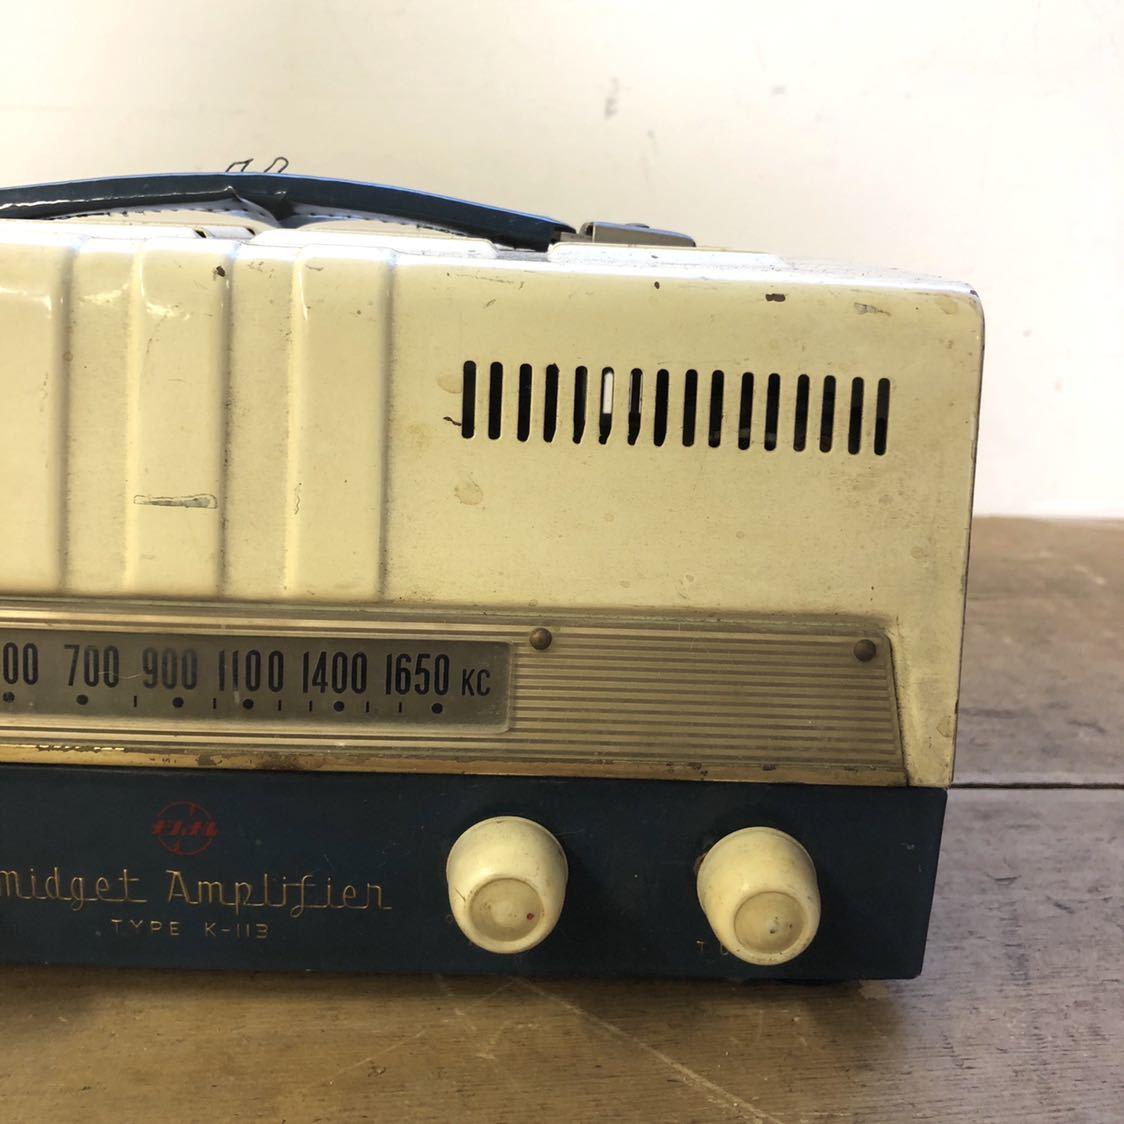 【ジャンク】 ナショナル 真空管 アンプ ラジオ midget amplifier ミッドナイト レトロ 昭和 アンティーク ヴィンテージ 部品取り_画像9